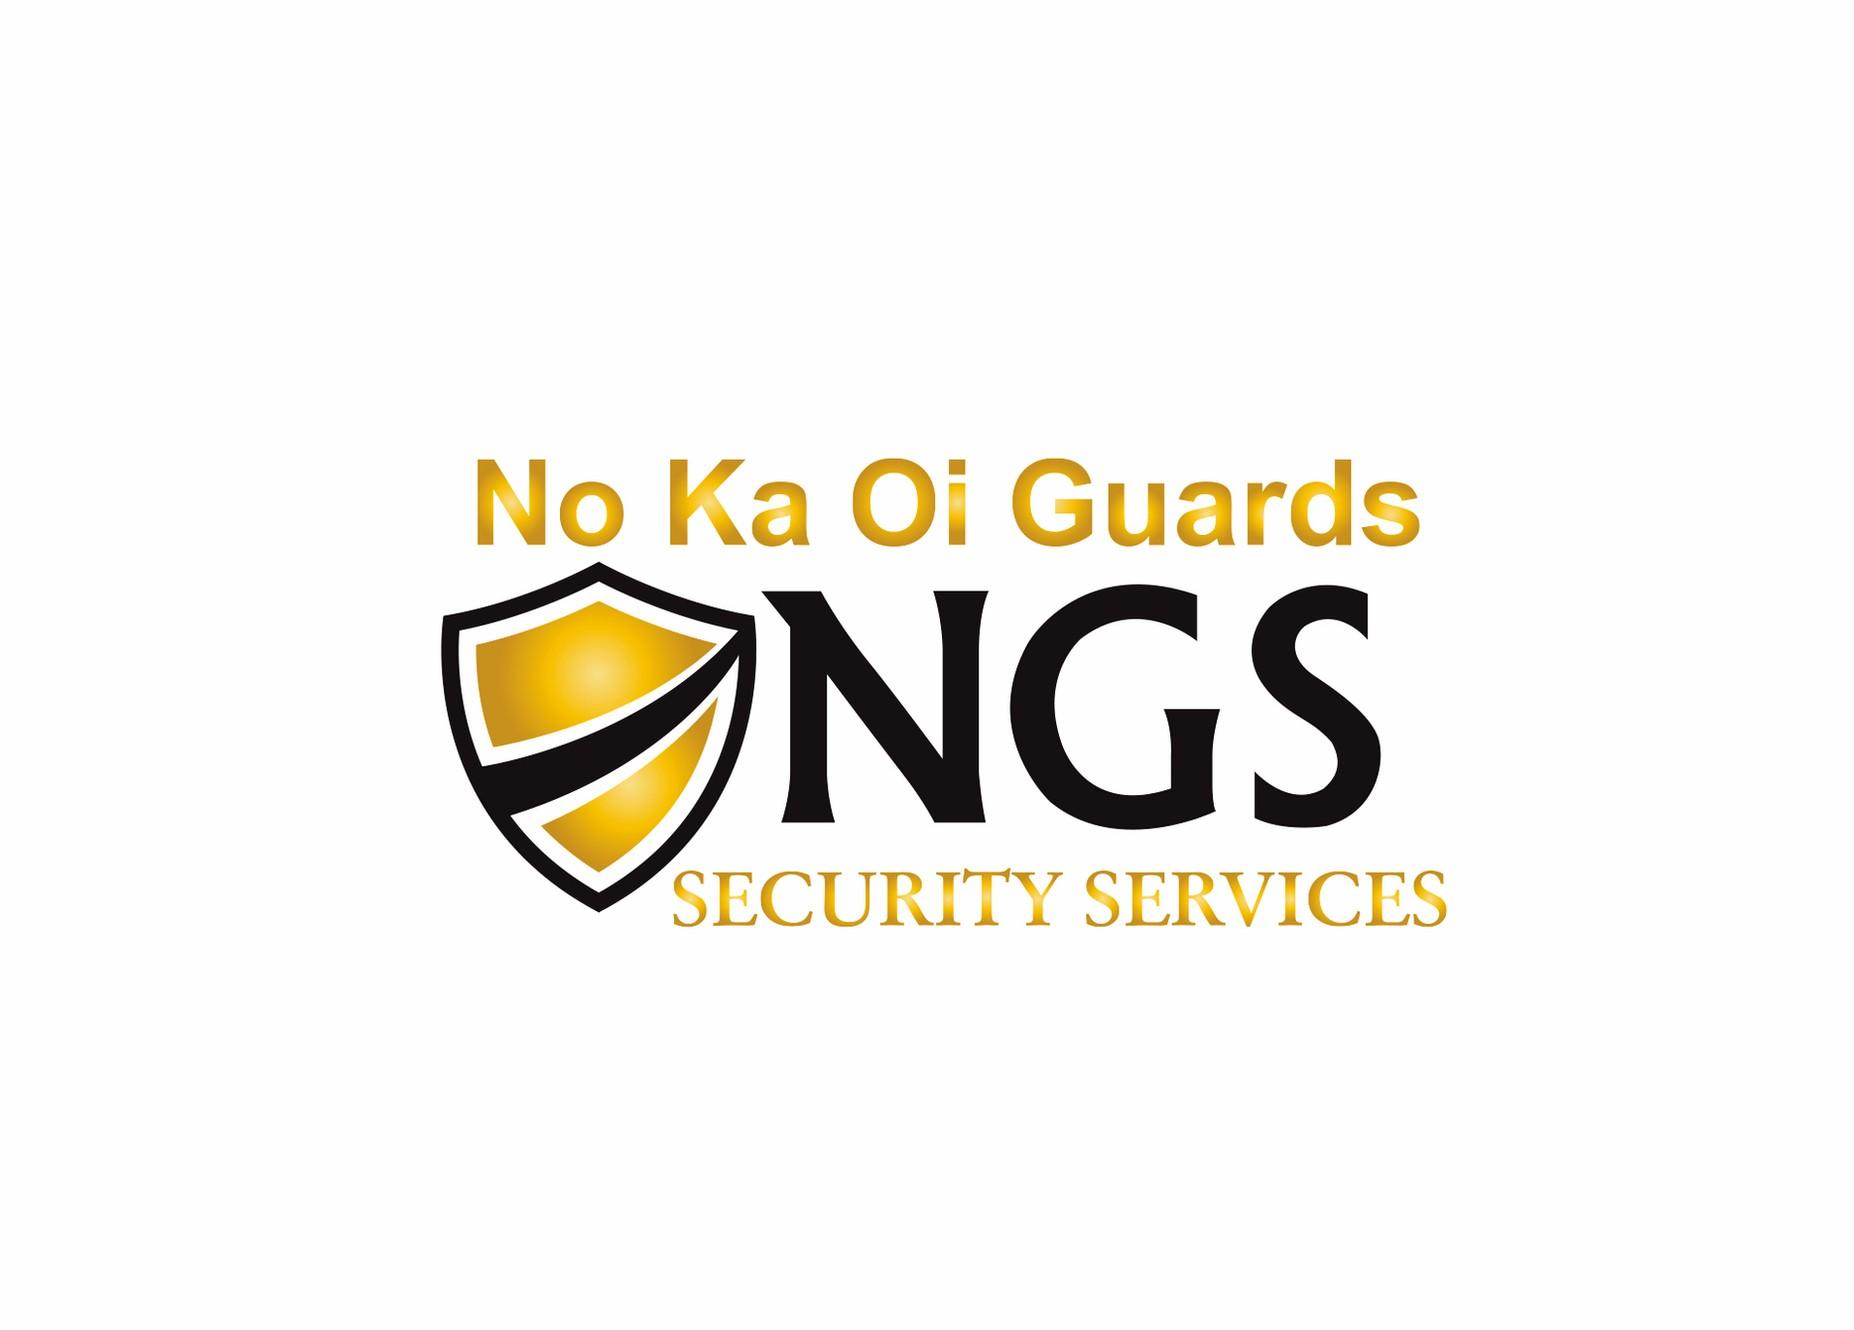 No Ka Oi Guard Services logo